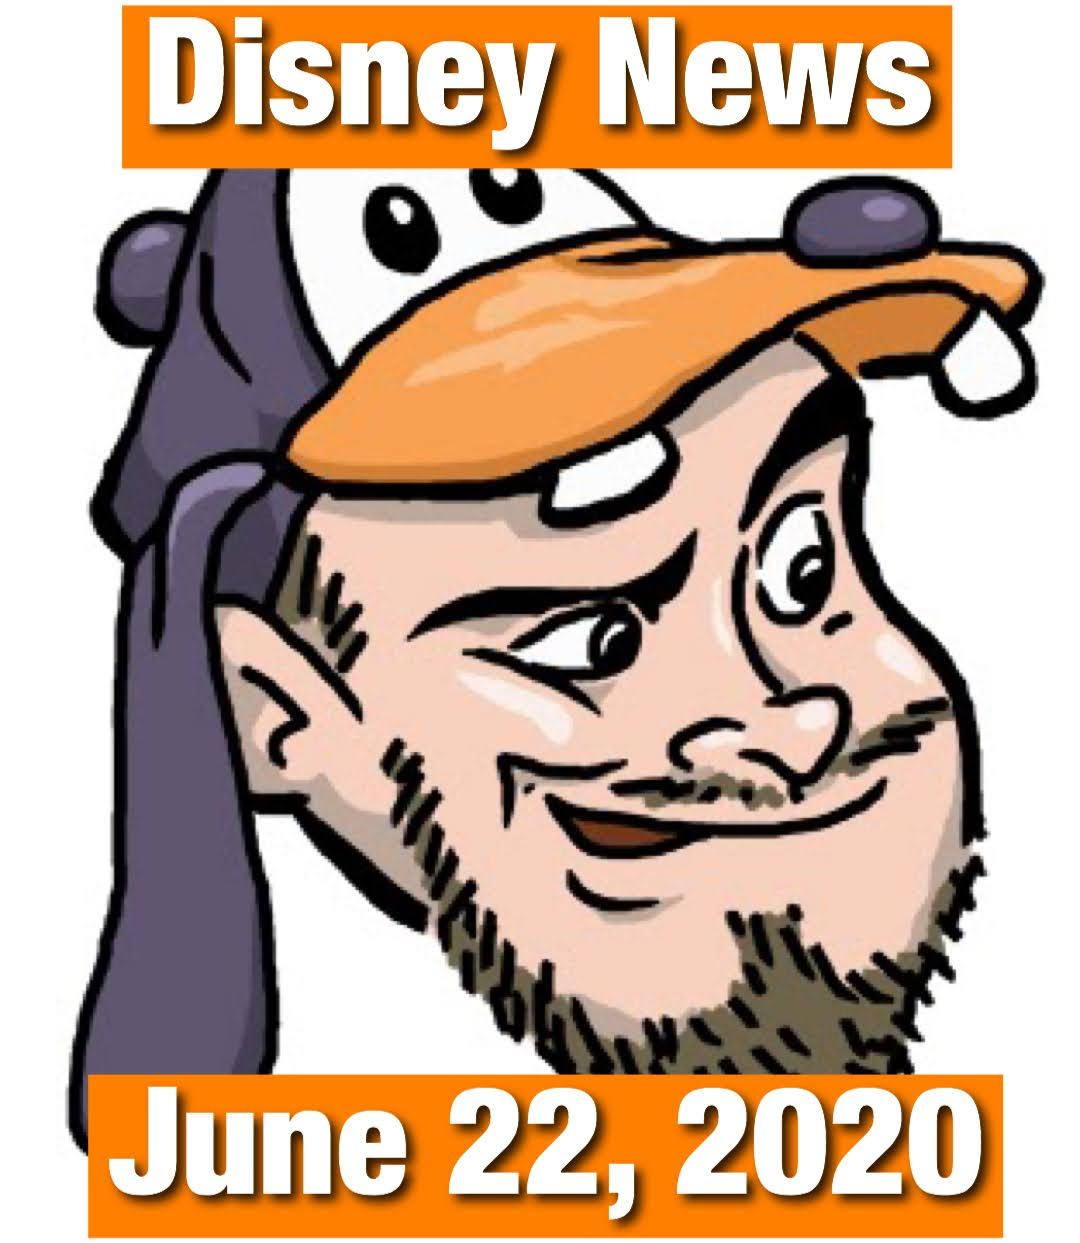 Disney News For 6/22/2020